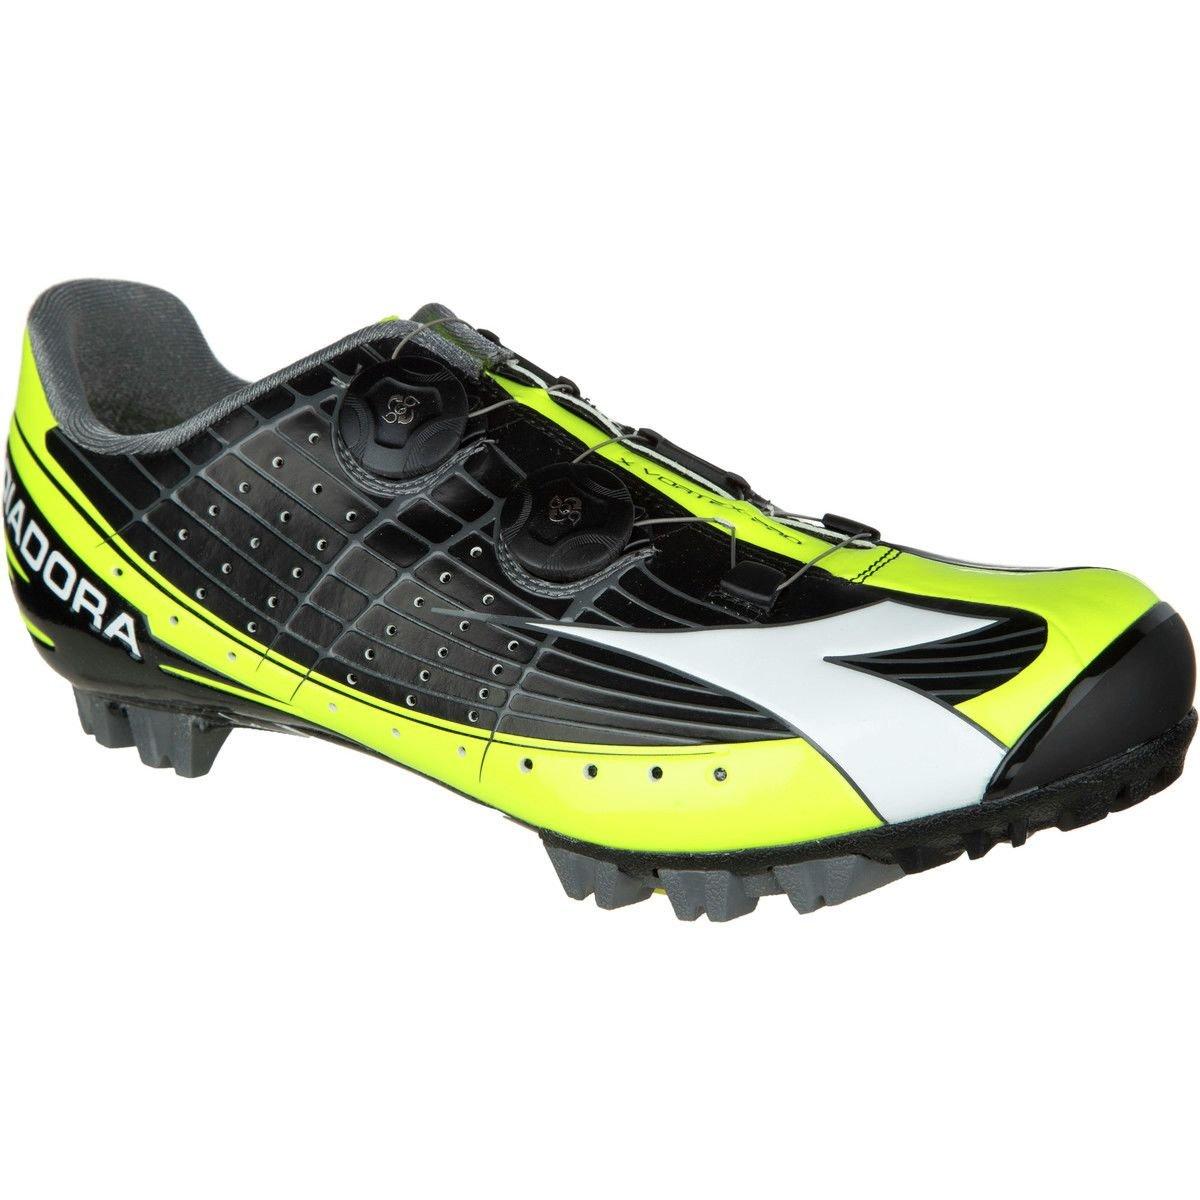 43 Sport it Ciclismo Pro X Vortex Mtb Amazon Diadora Scarpe C3444 q0wxpTfvB